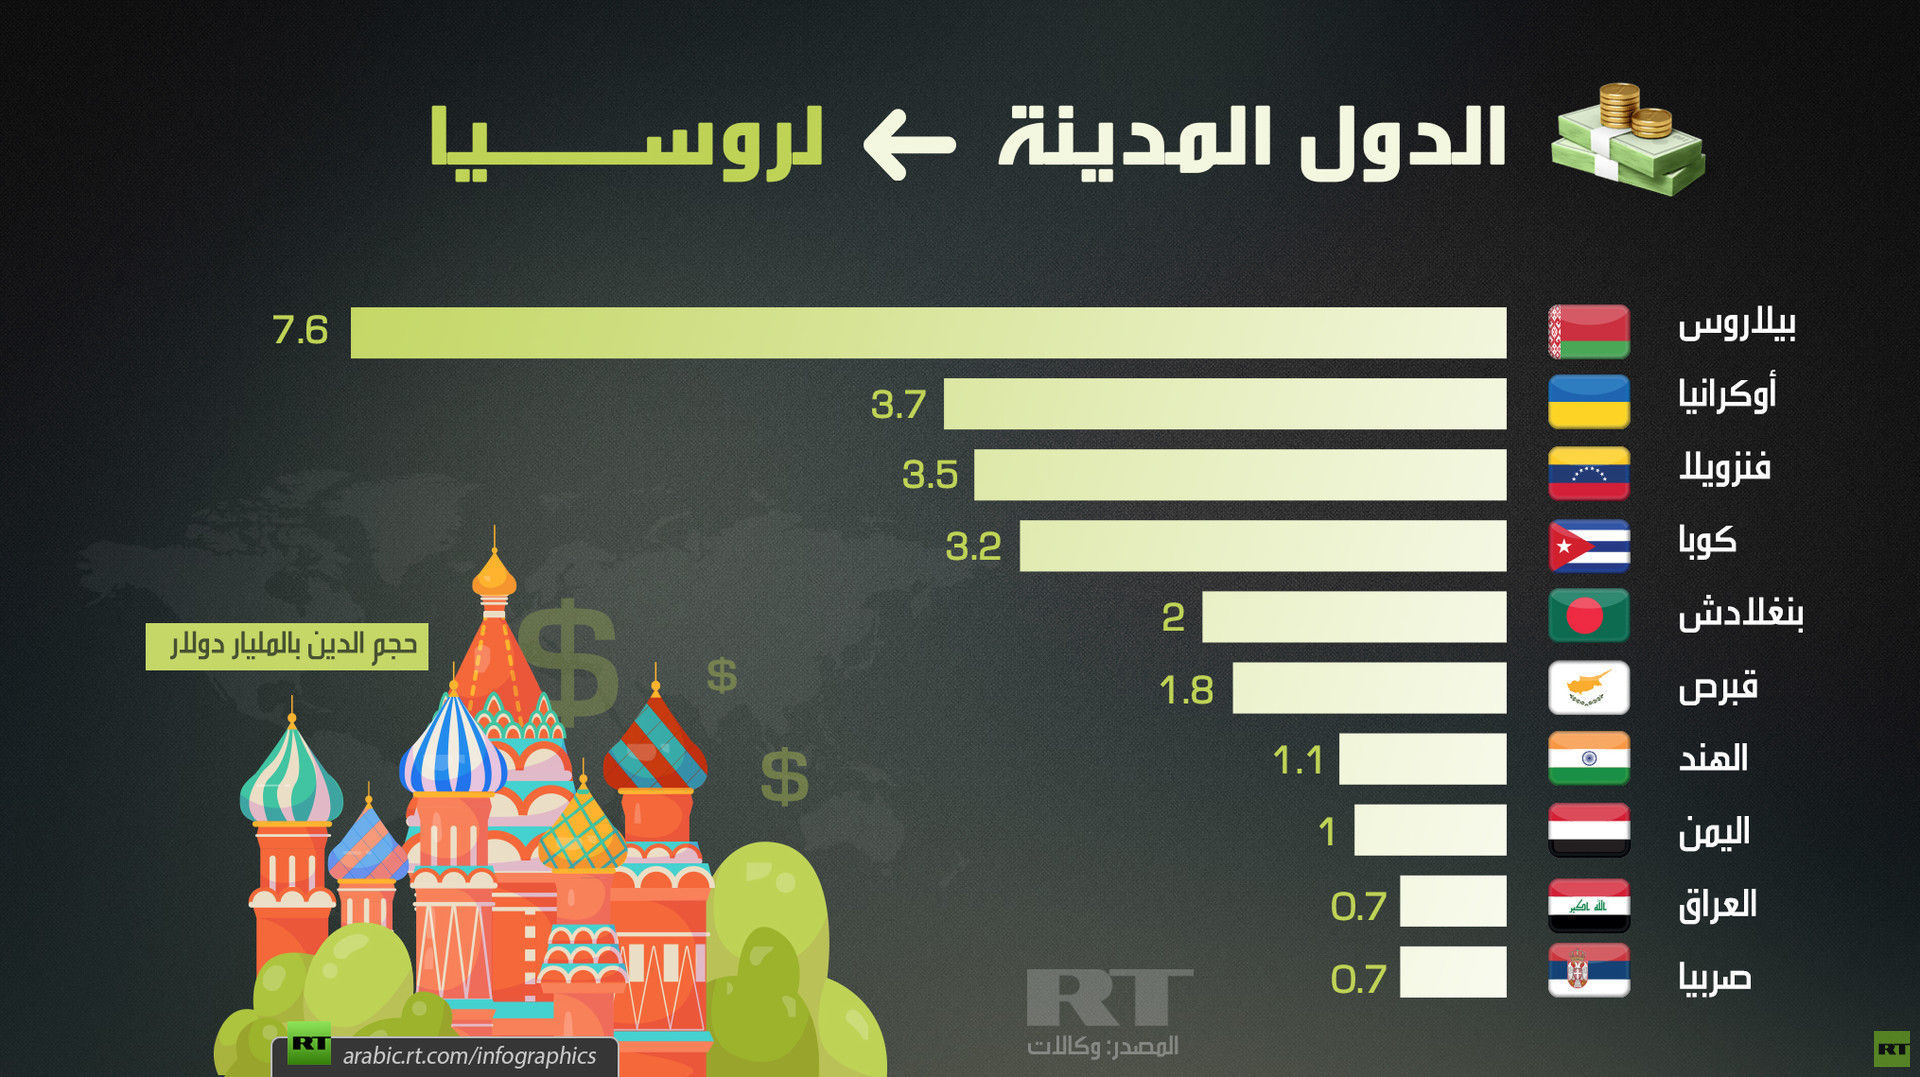 الدول المدينة لروسيا